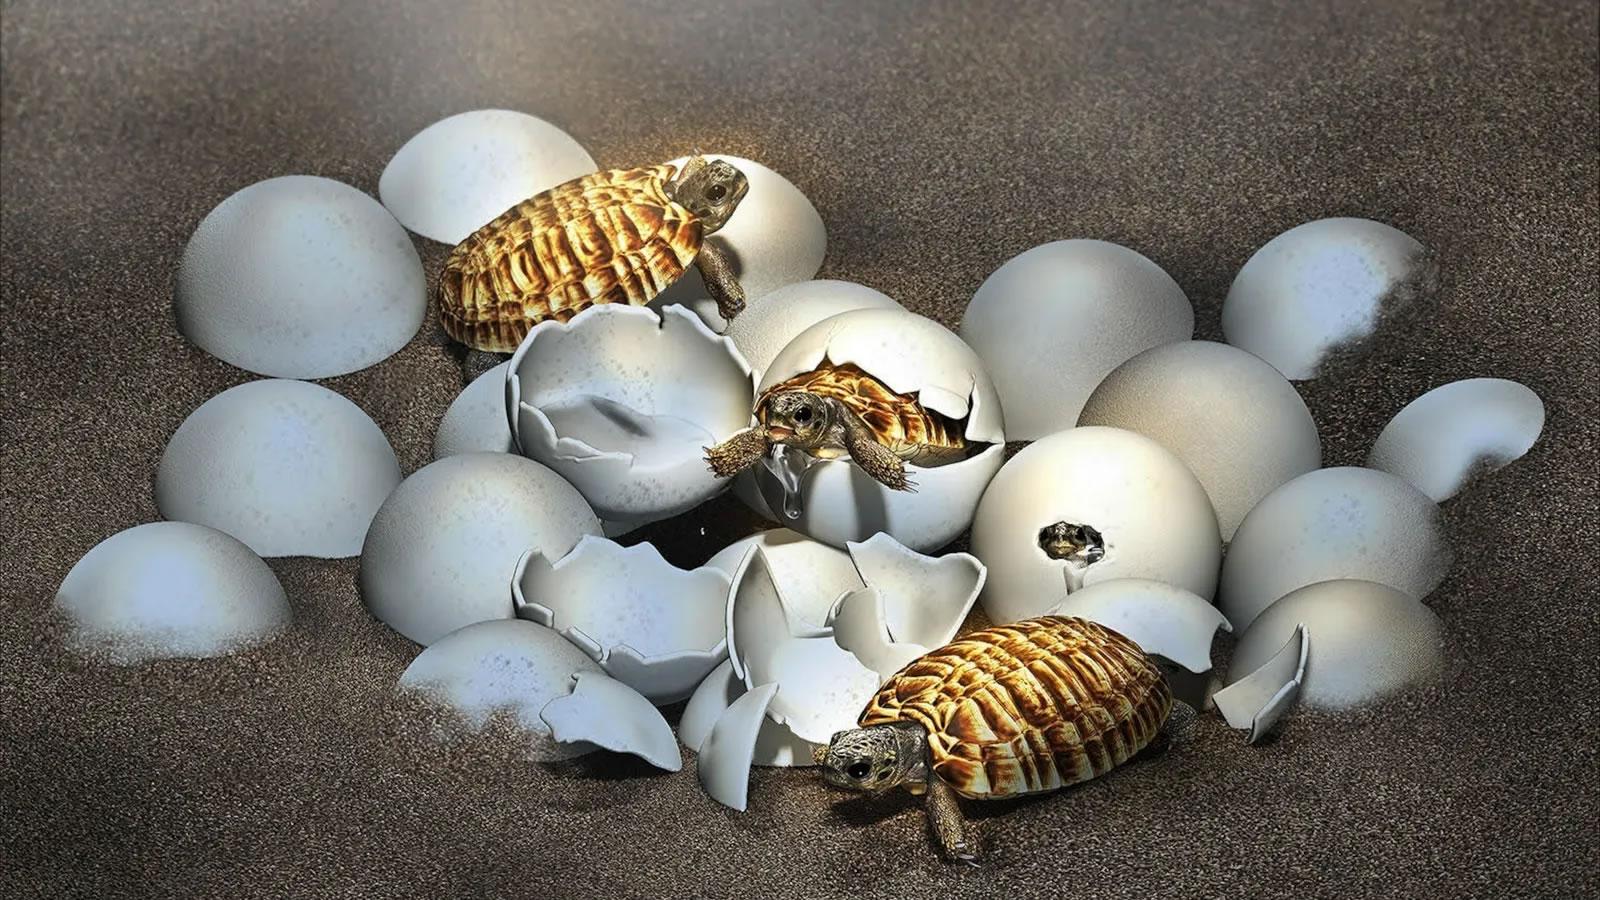 在中国发现的一个蛋化石带来了一个惊喜:一只史前巨龟的宝宝。插图:MASATO HATTORI